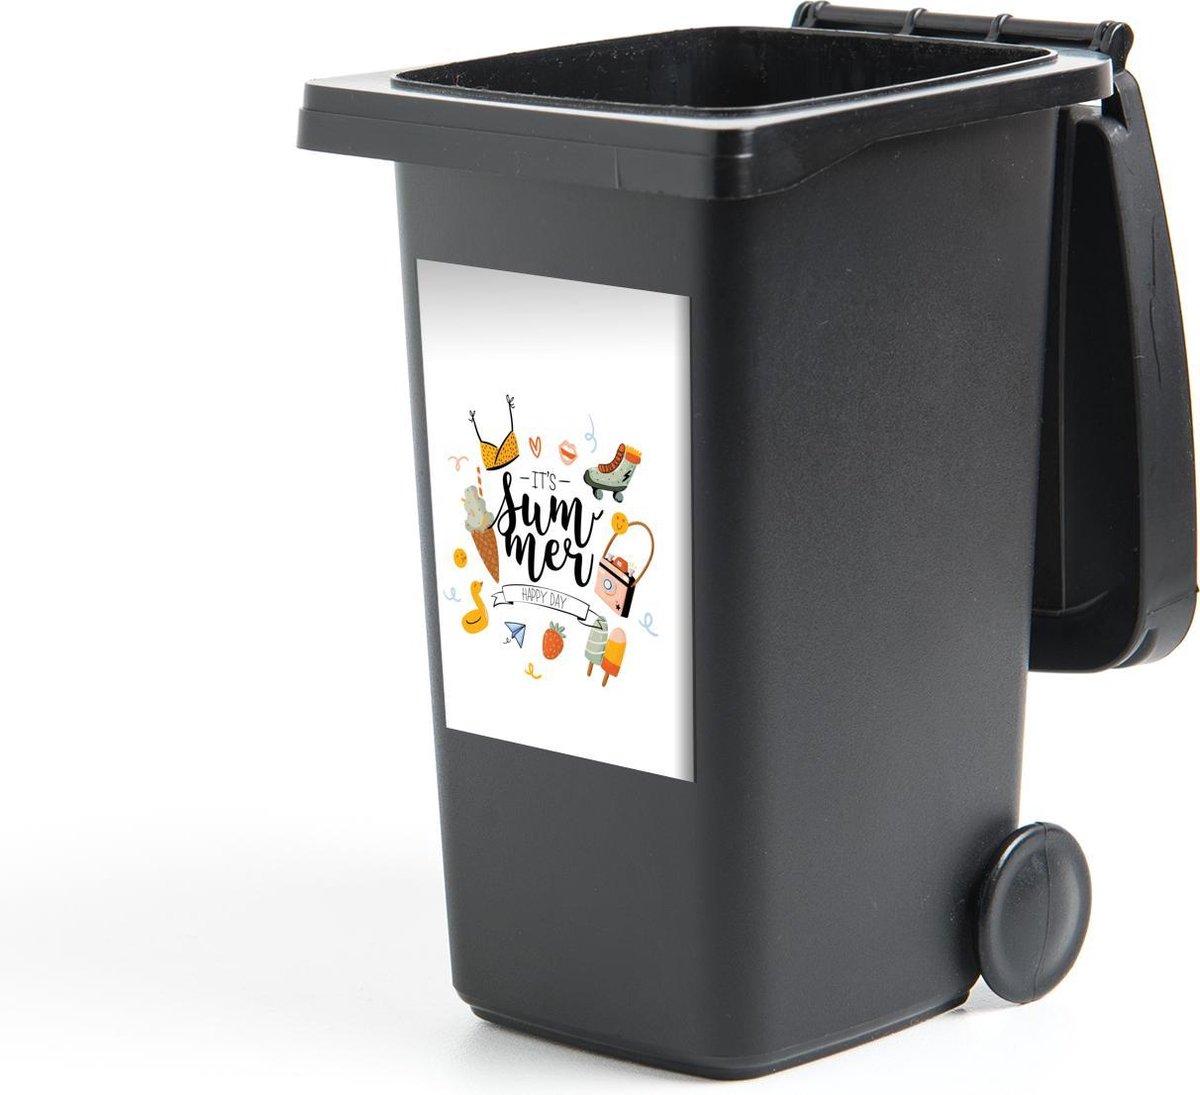 Container sticker Zomer - Camera - Rolschaatsen - 40x60 cm - Kliko sticker